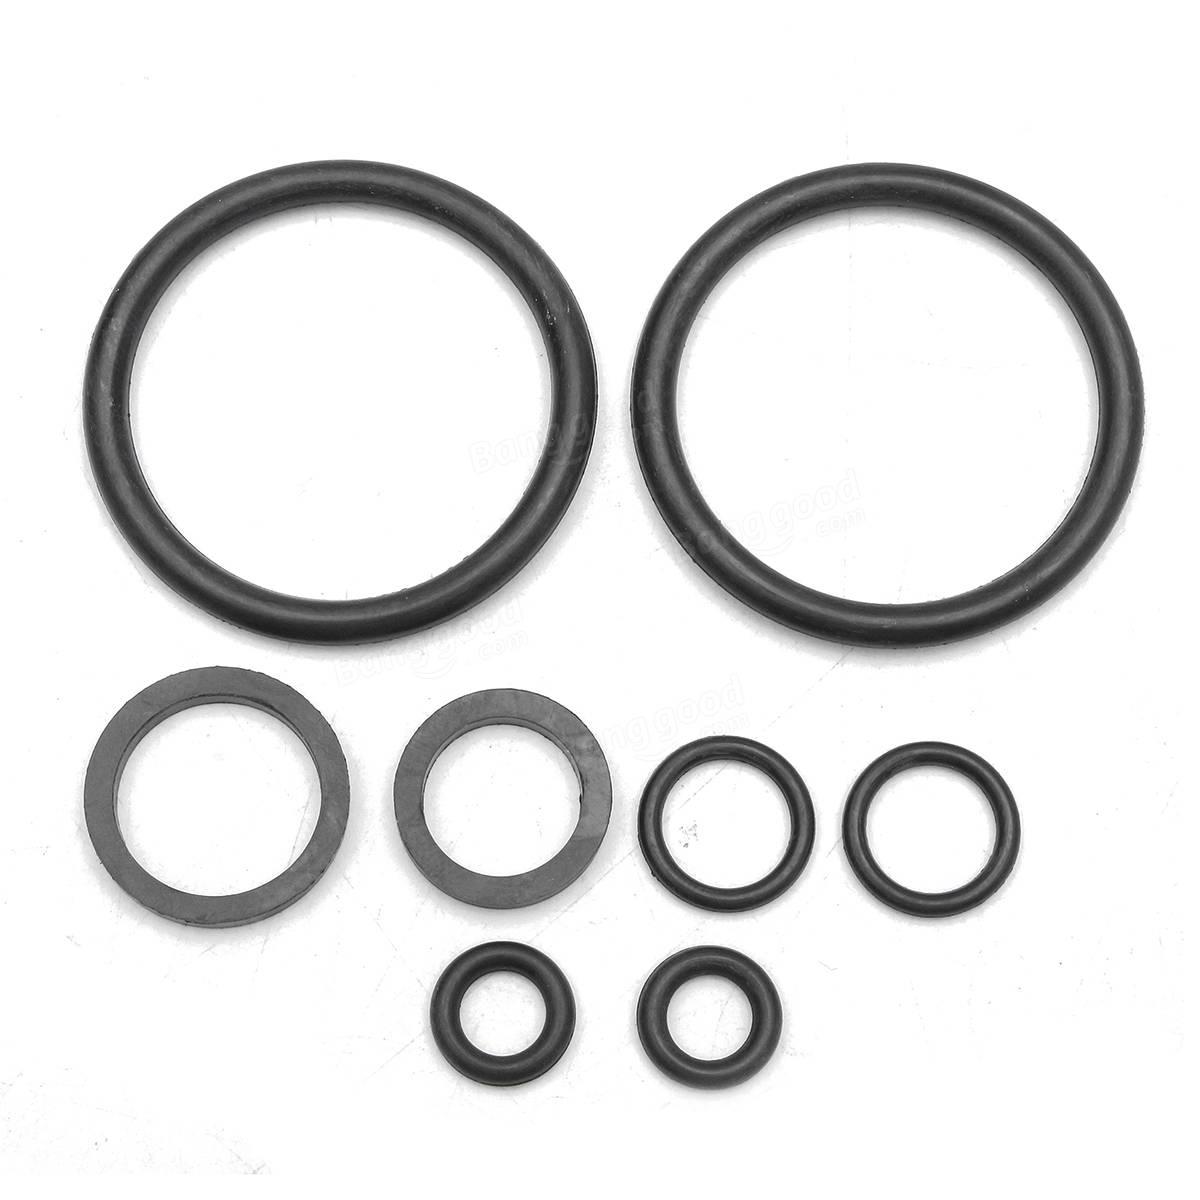 70cc Cilinder Zuiger Pakking Ringen Motor Kit Voor ATV